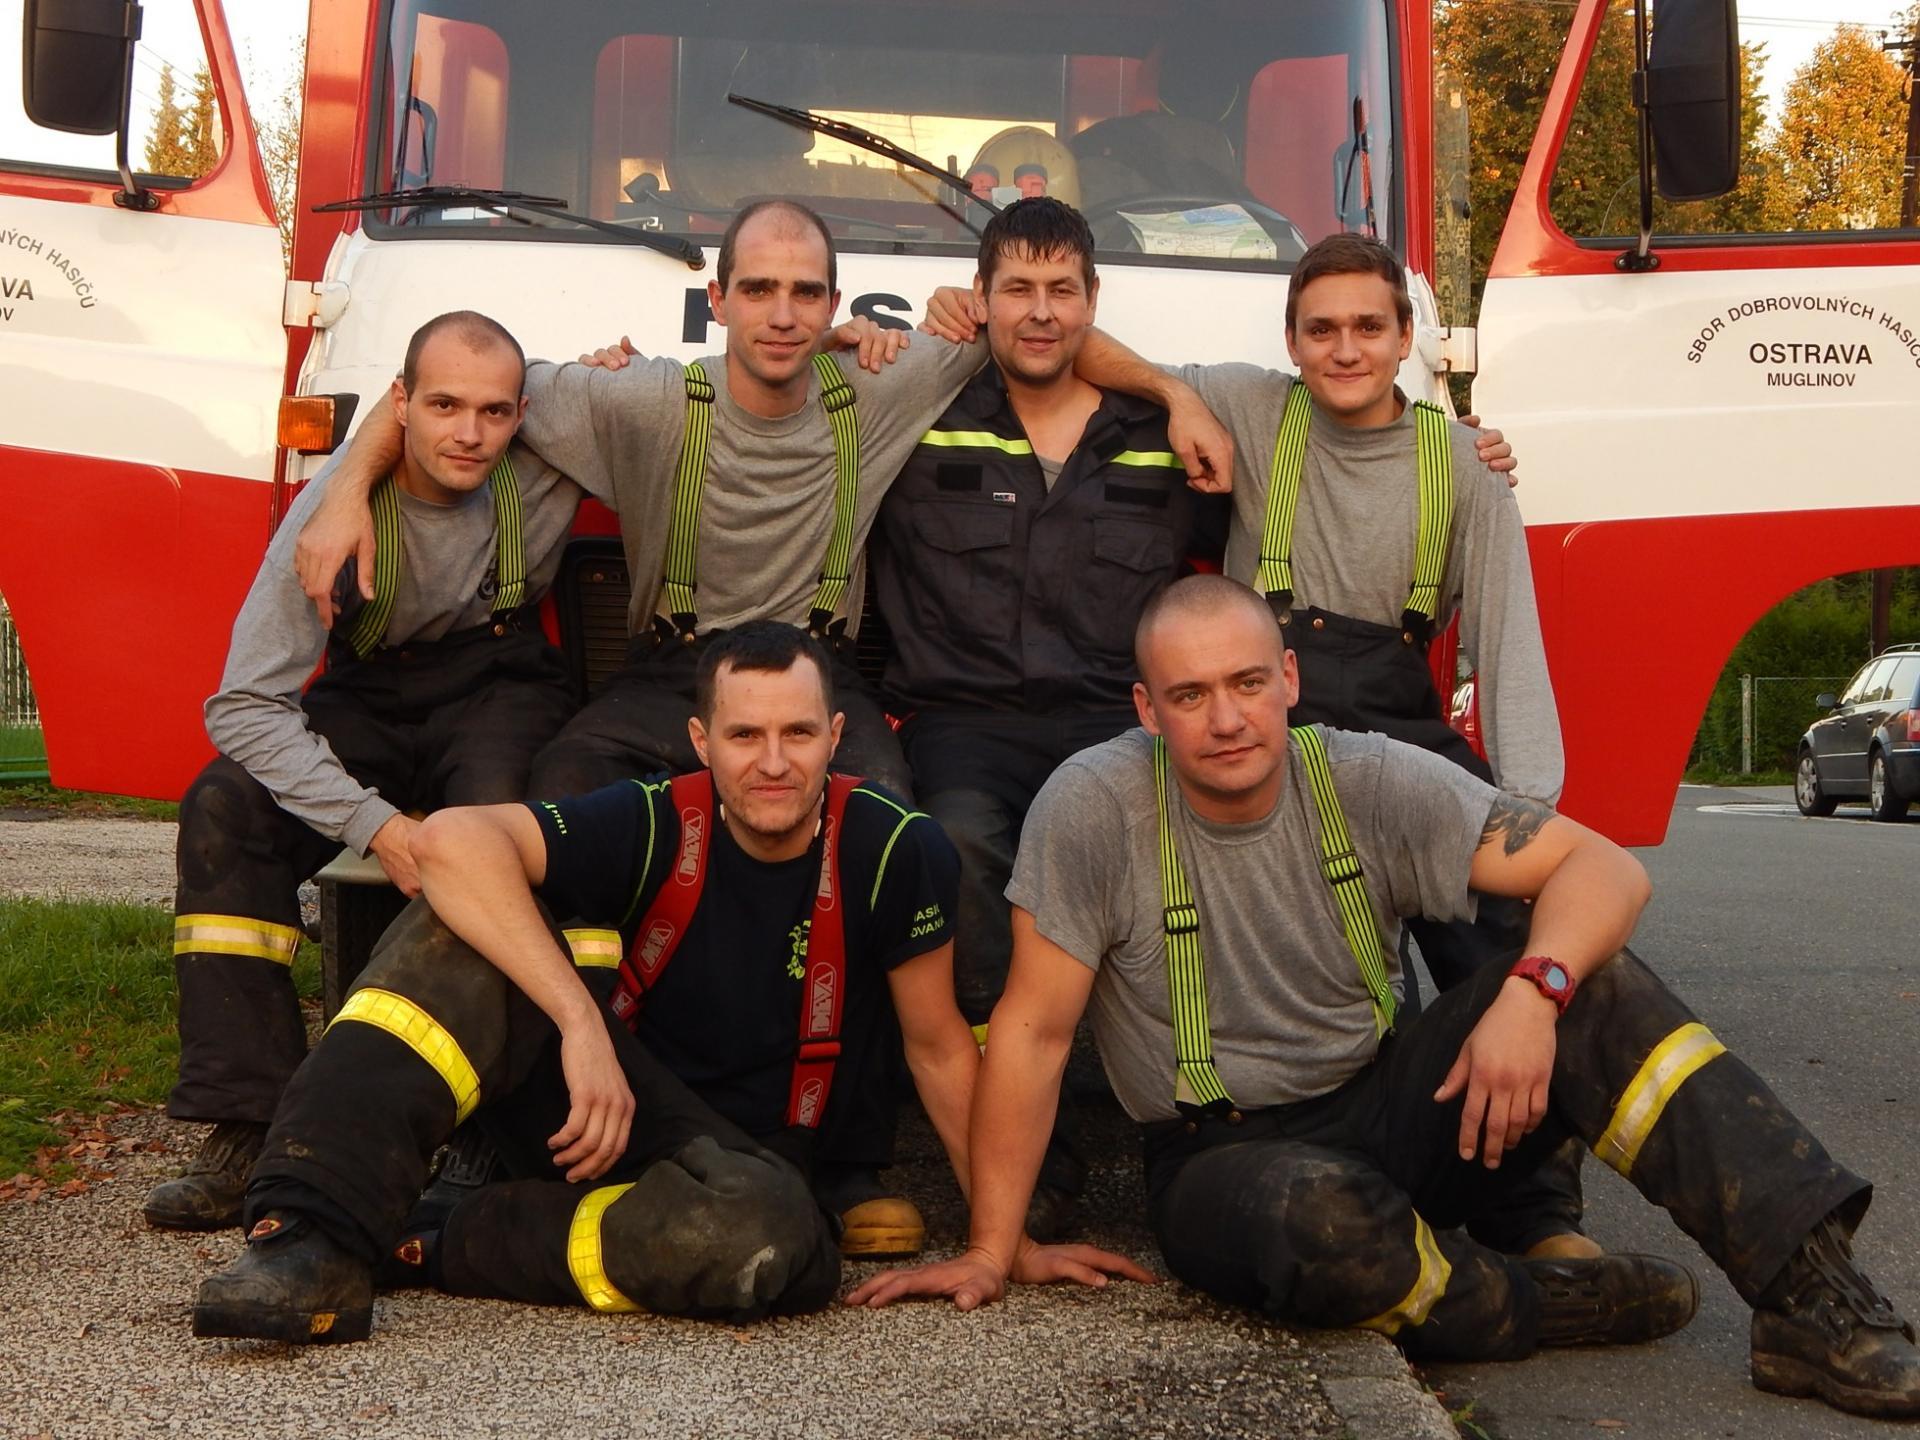 Rallye Albrechtice